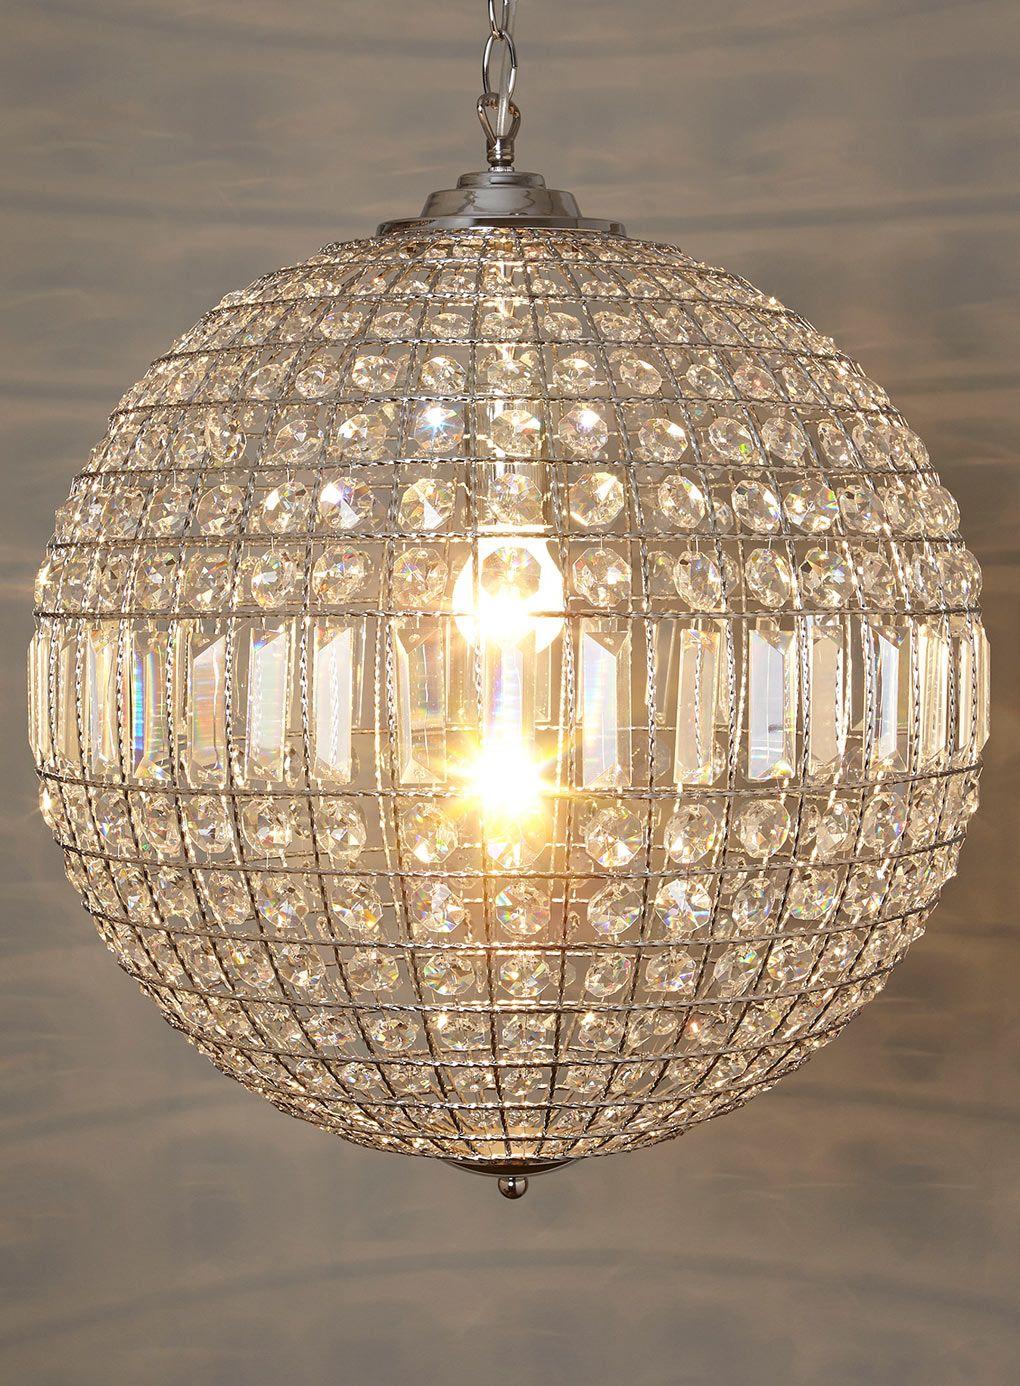 Ursula Large Crystal Ball Pendant Lighting Home Lighting